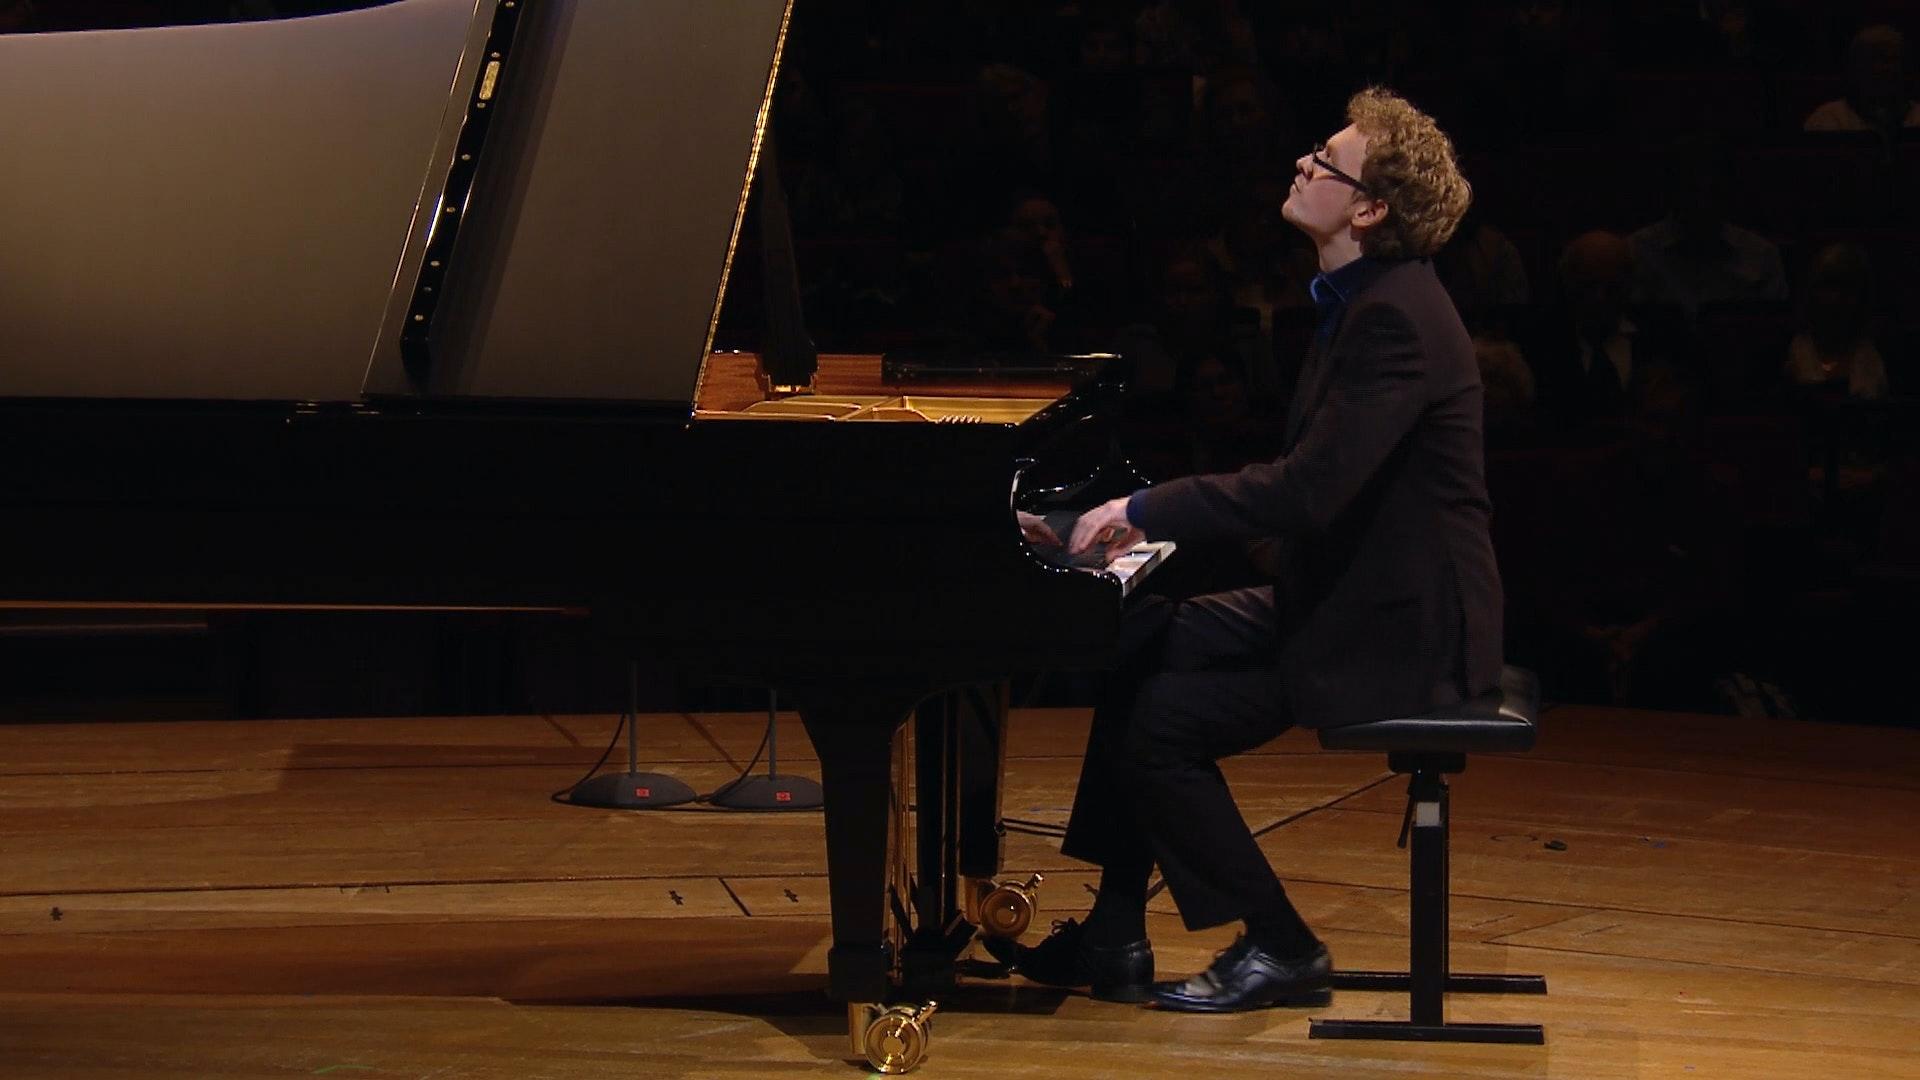 Sergey Redkin joue la Sonate pour piano n°9 de Prokofiev